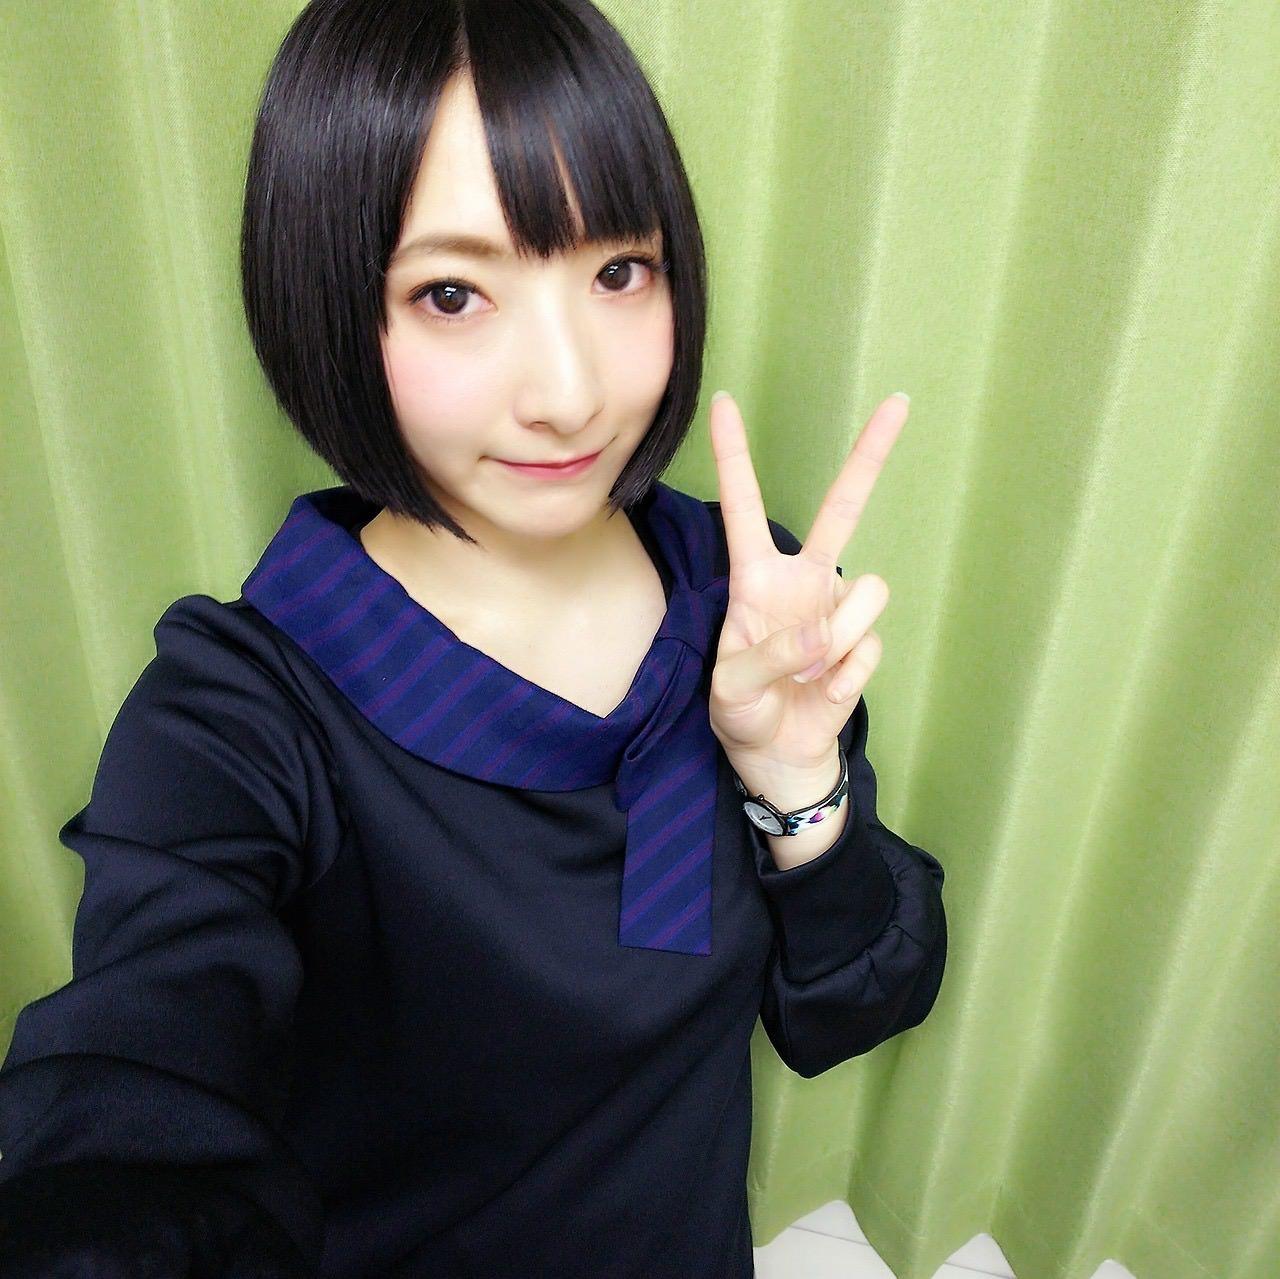 佐倉薫の画像 p1_18